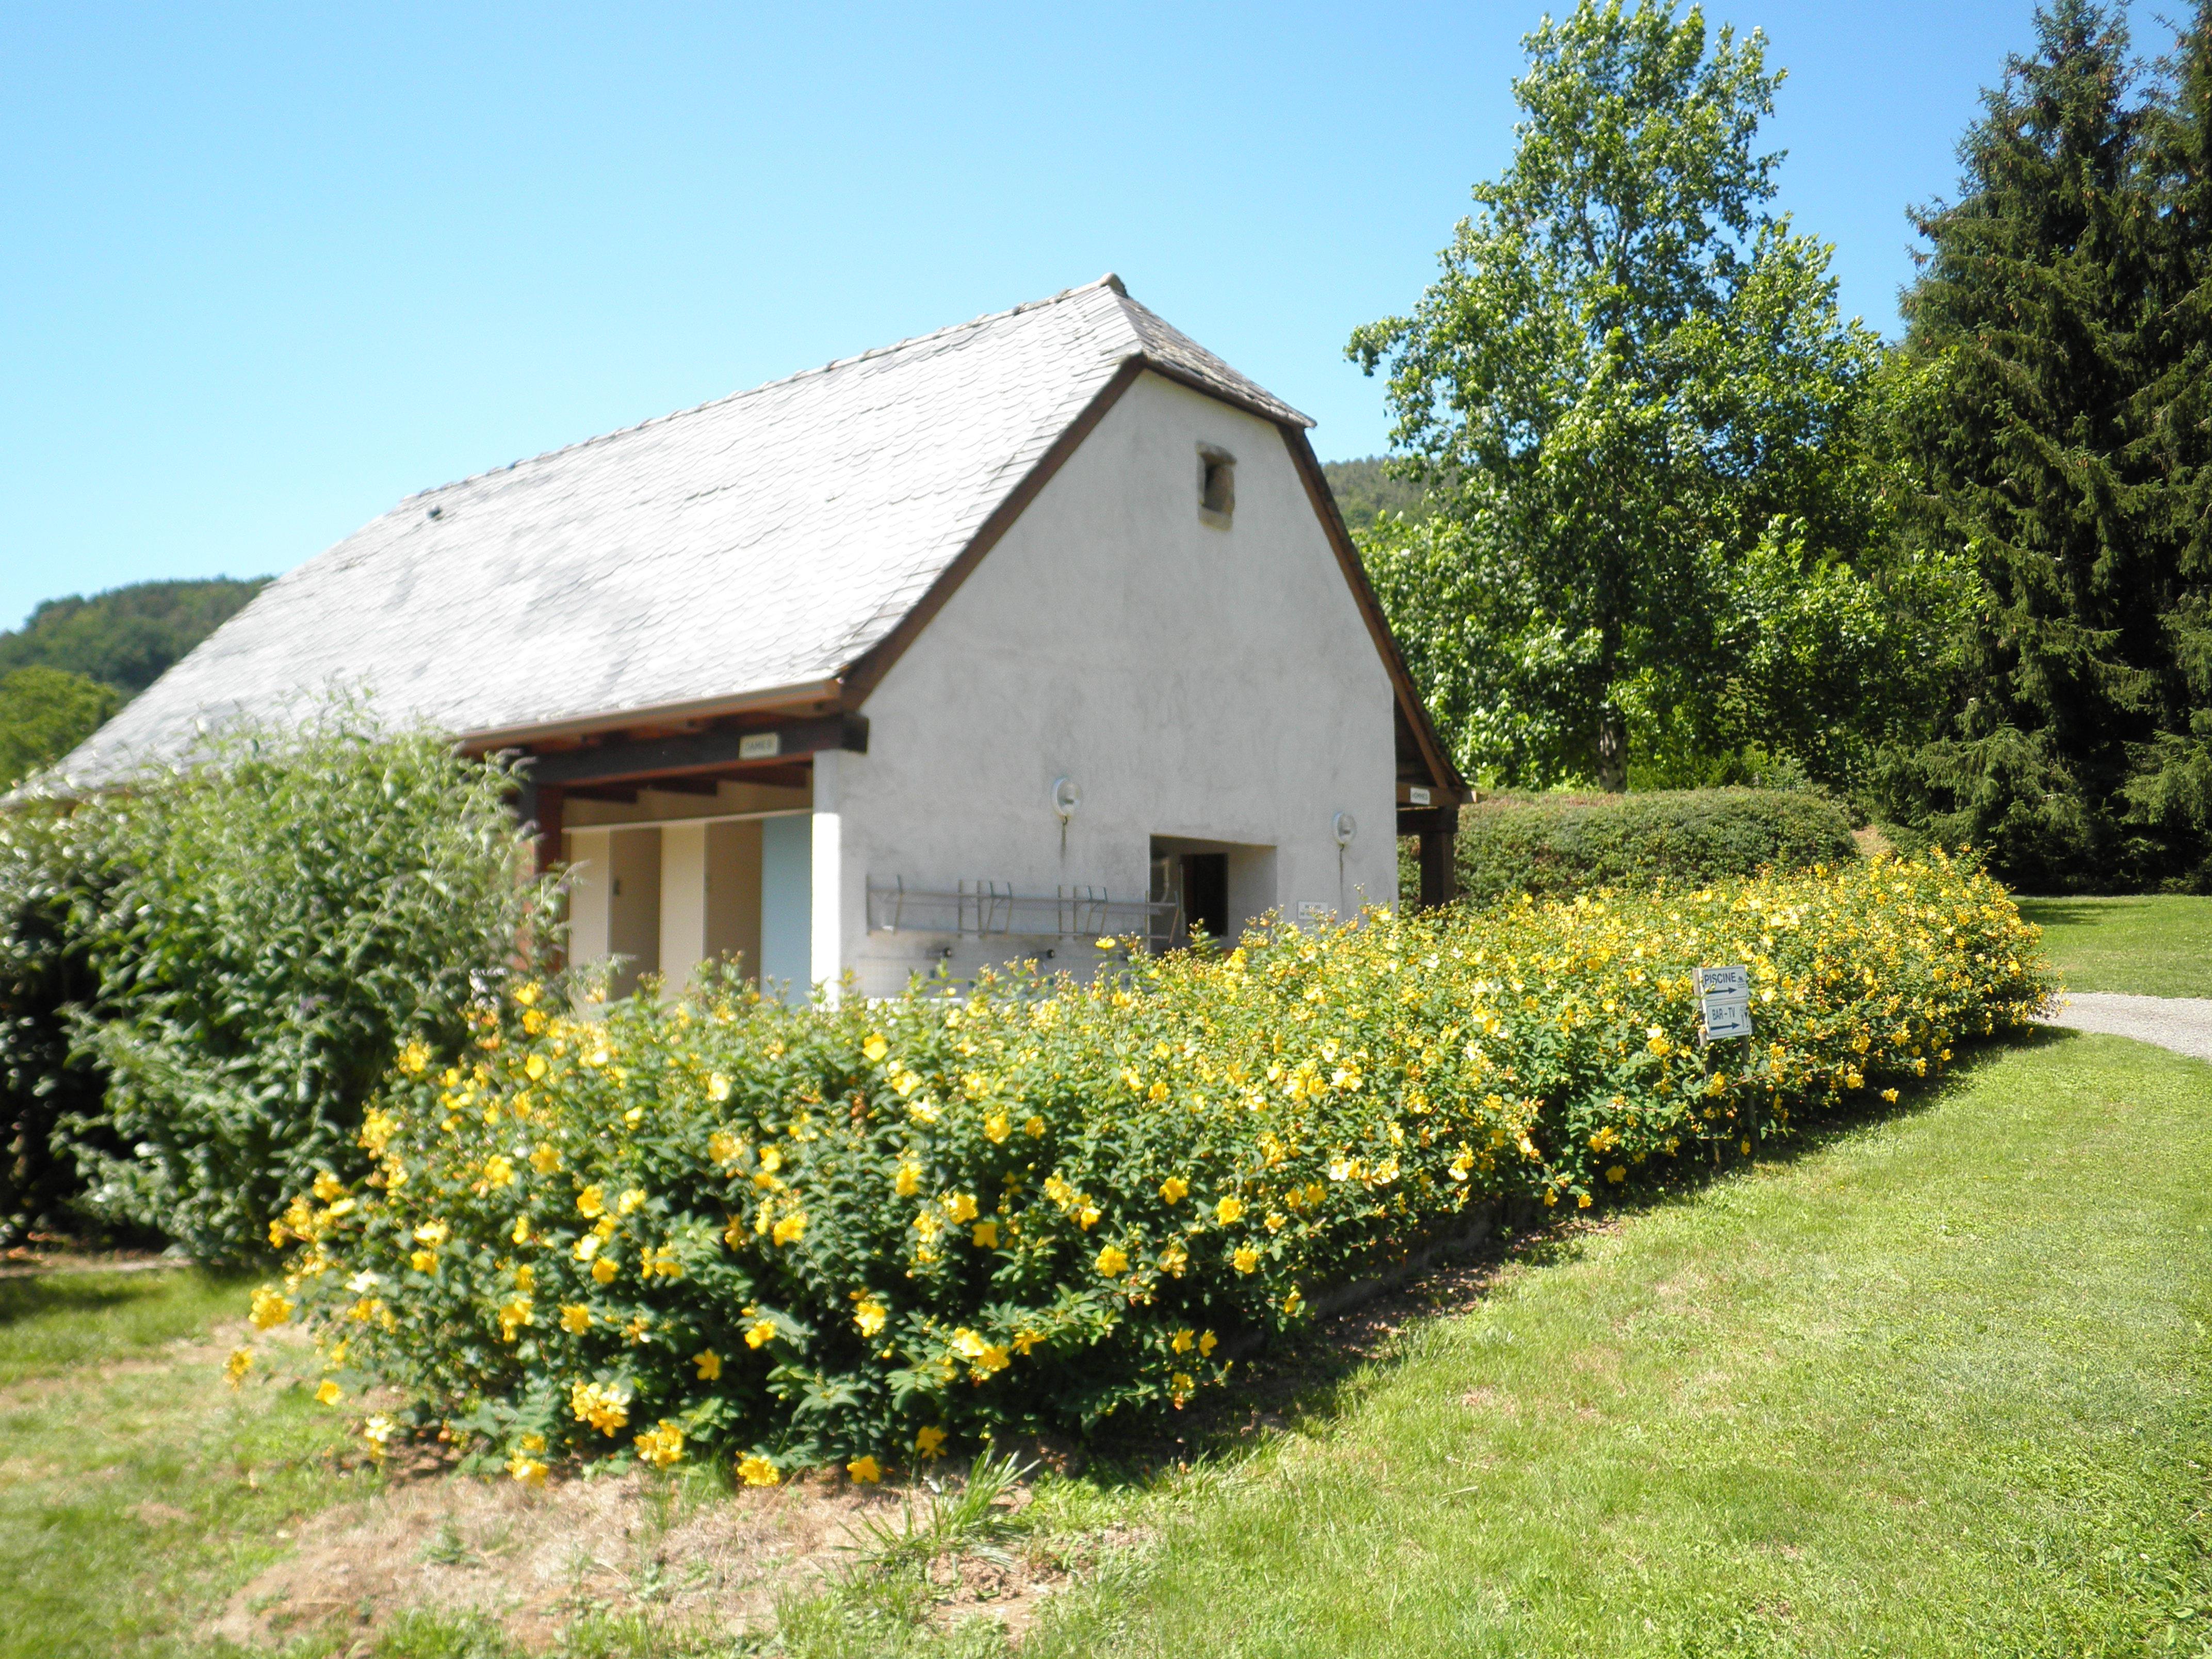 Camping le Vaurette, Argentat, Corrèze